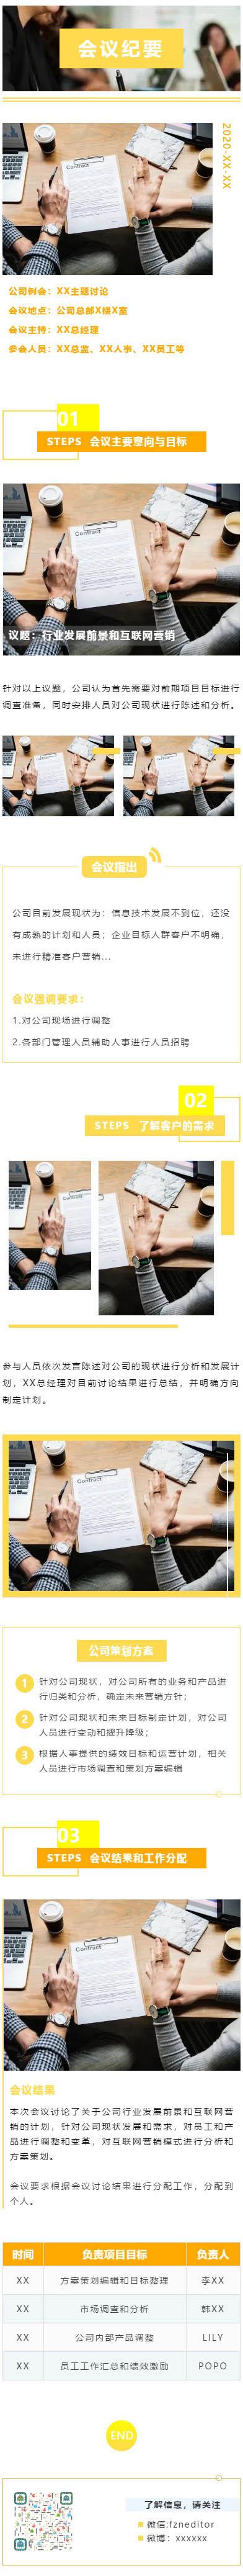 公司企业会议纪要微信公众号模板商务风格订阅号推送图文